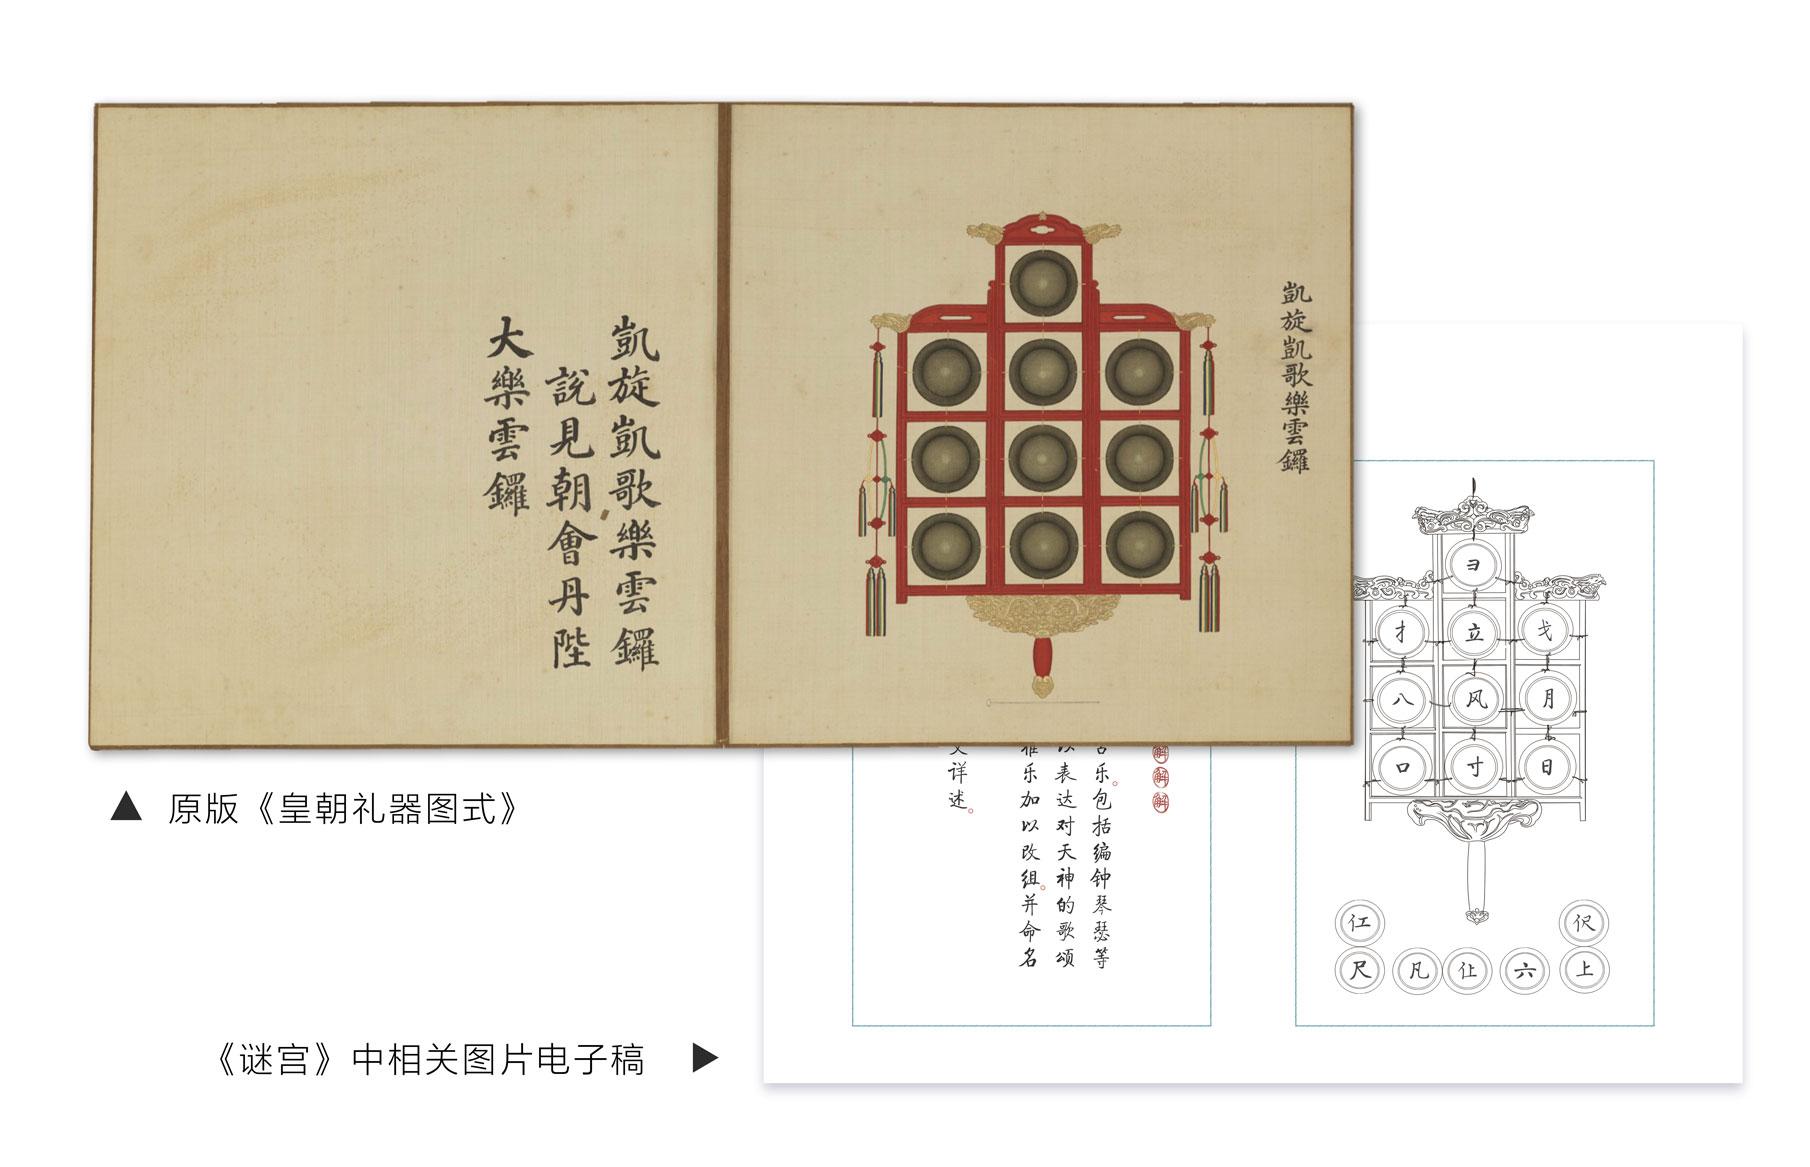 皇朝礼器图式1.jpg